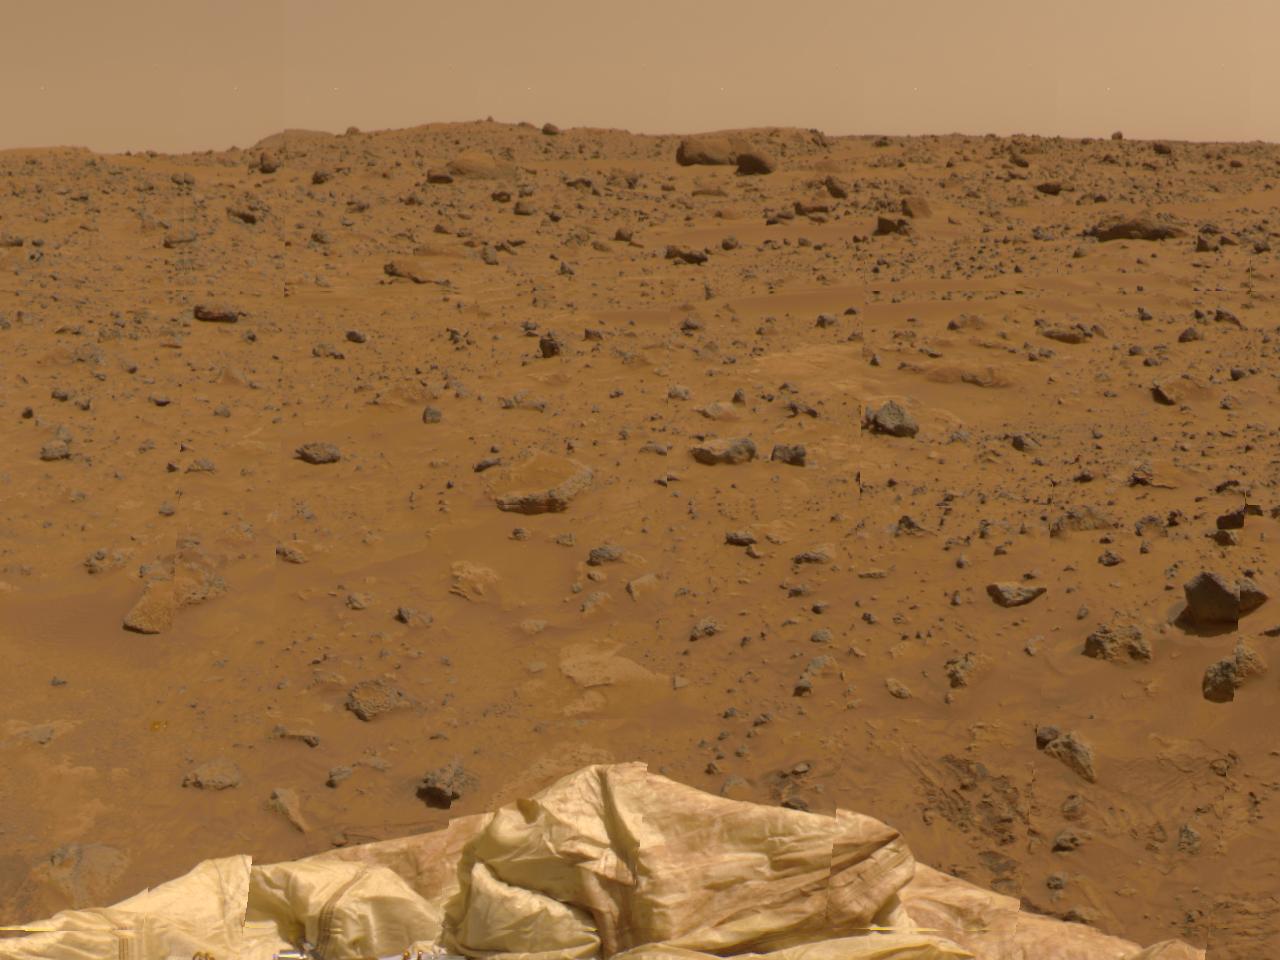 Northeast View in 360-degree Panorama – NASA's Mars